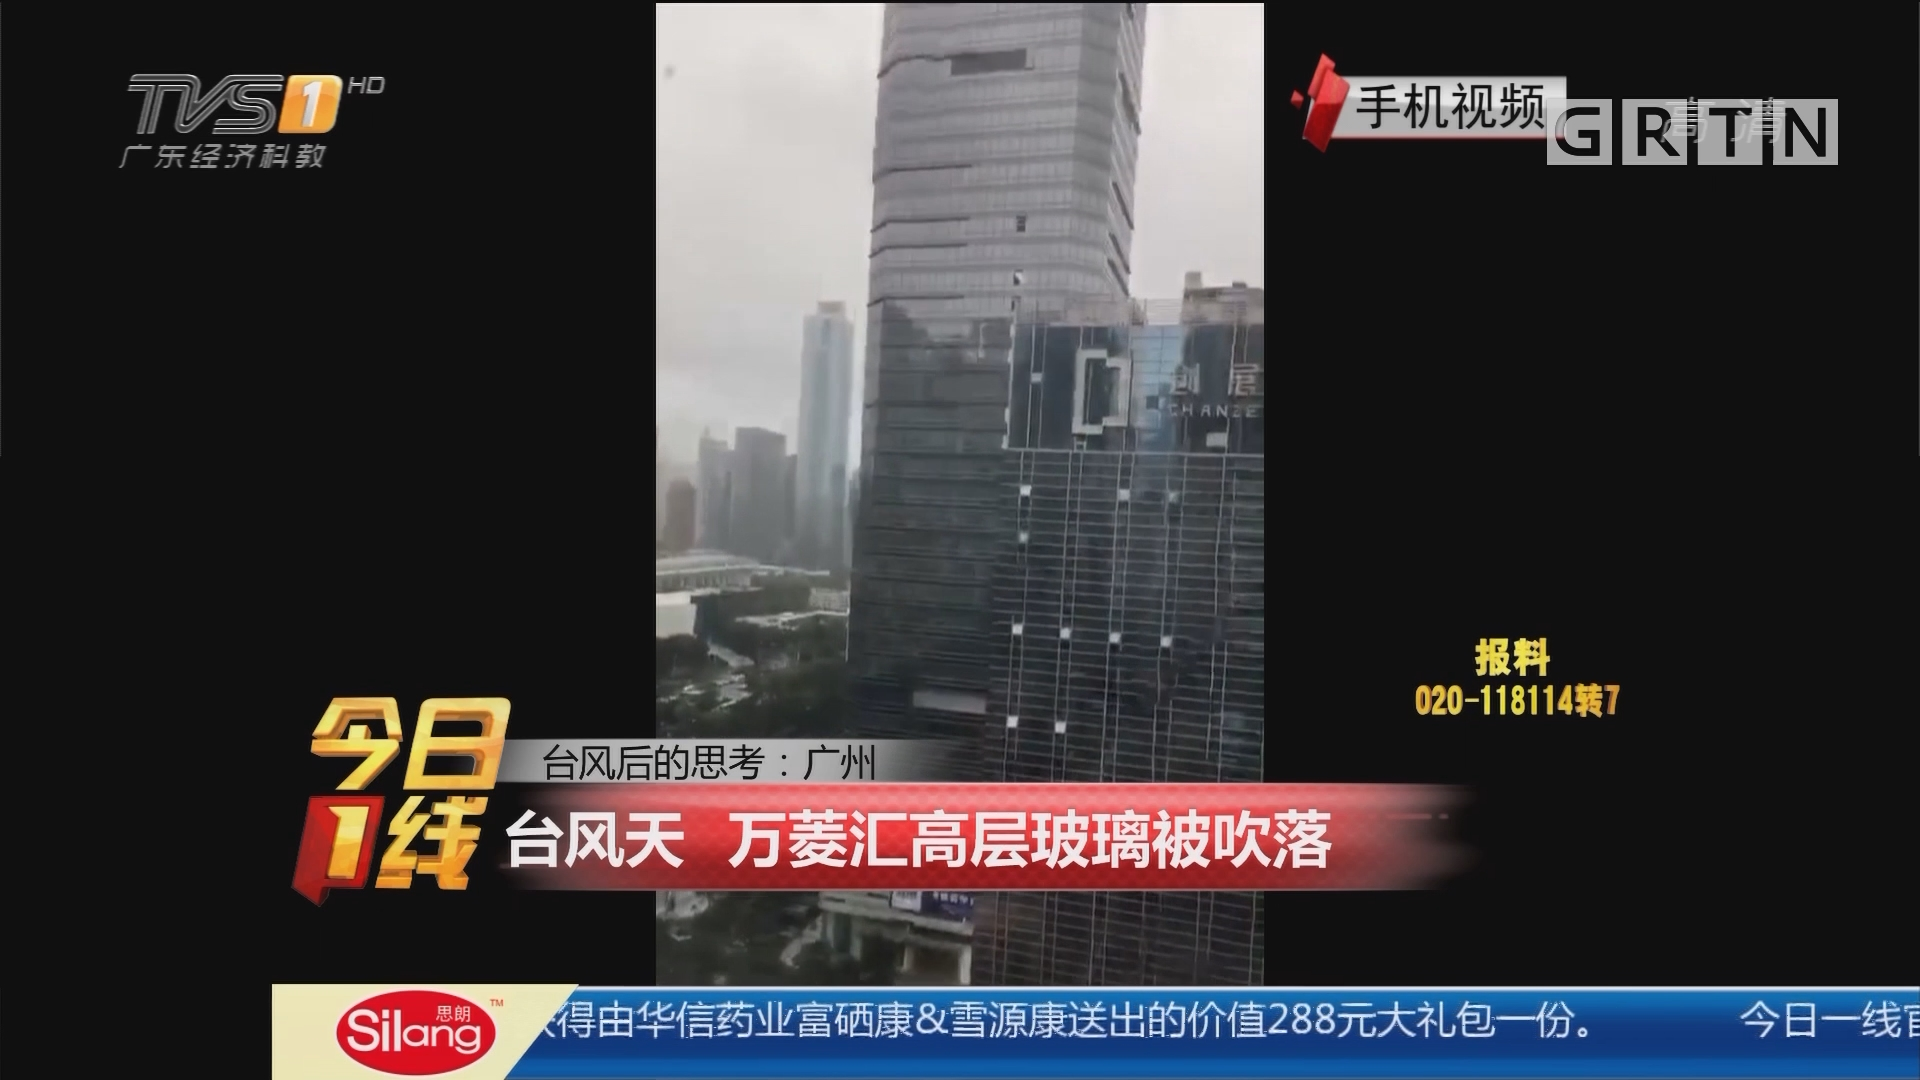 台风后的思考:广州 台风天 万菱汇高层玻璃被吹落